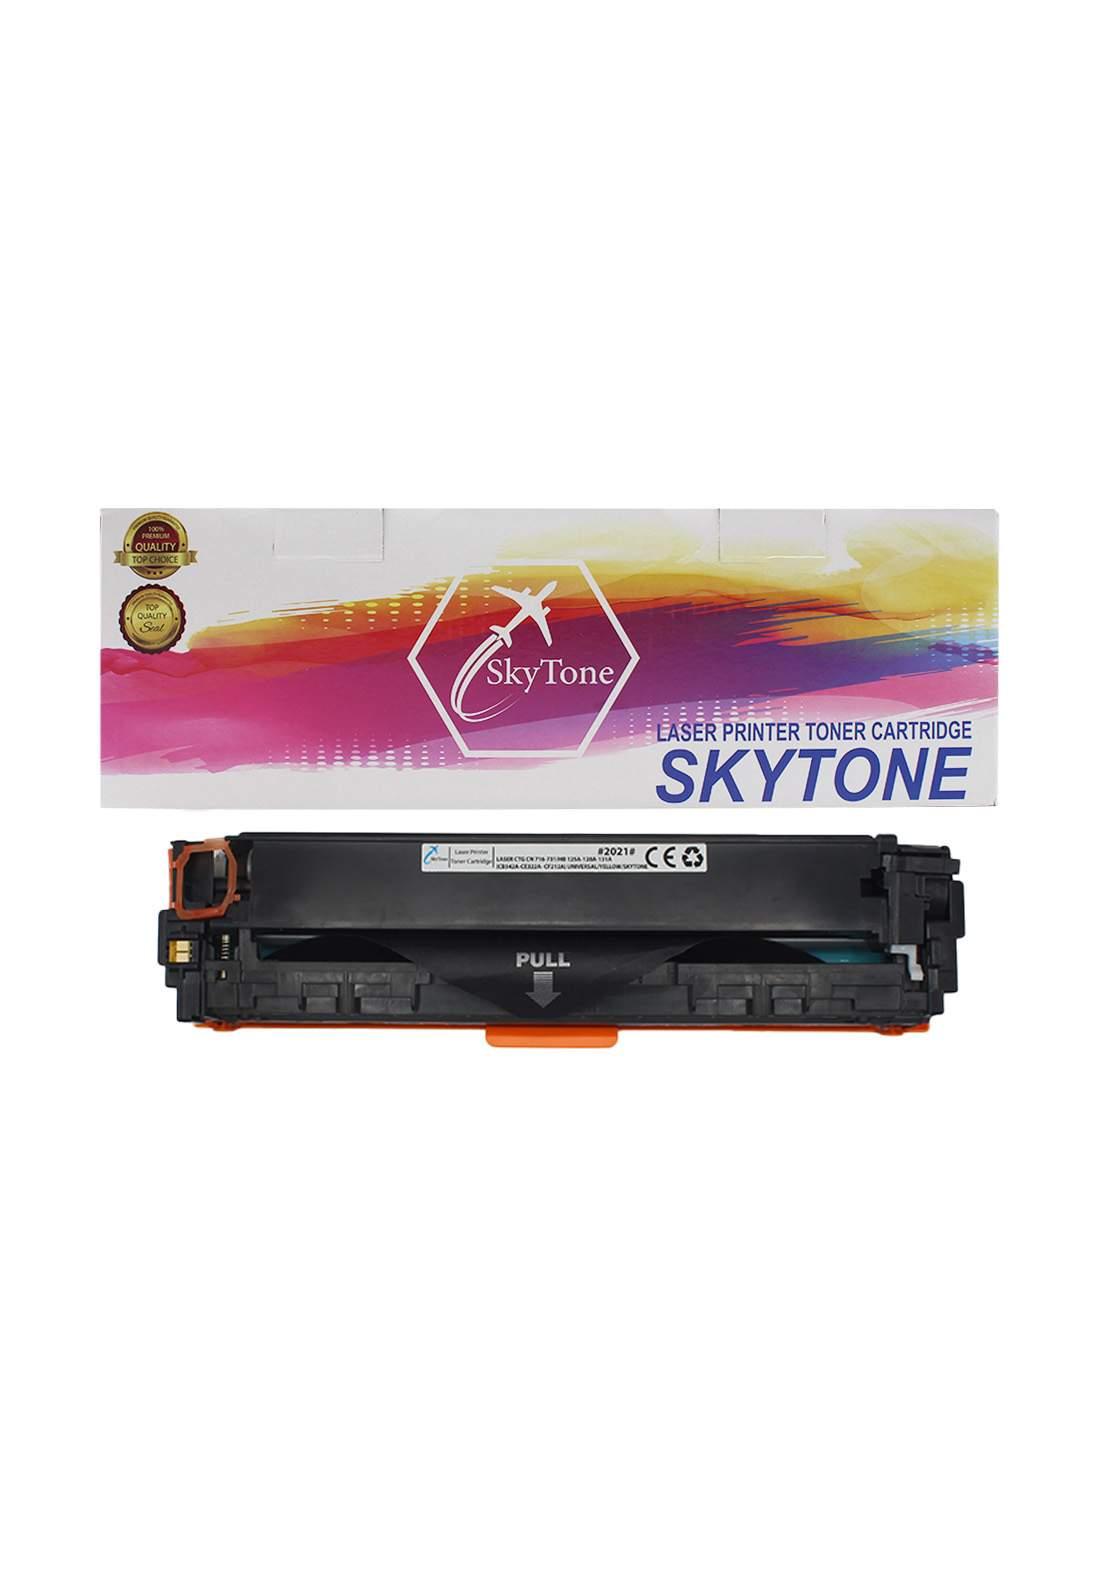 SKYTONE CTG Canon 716-731/HP 125A-128A-131A (CB542A-CE322A- CF212A) Universal Laser Printer Toner Cartridge خرطوشة حبر